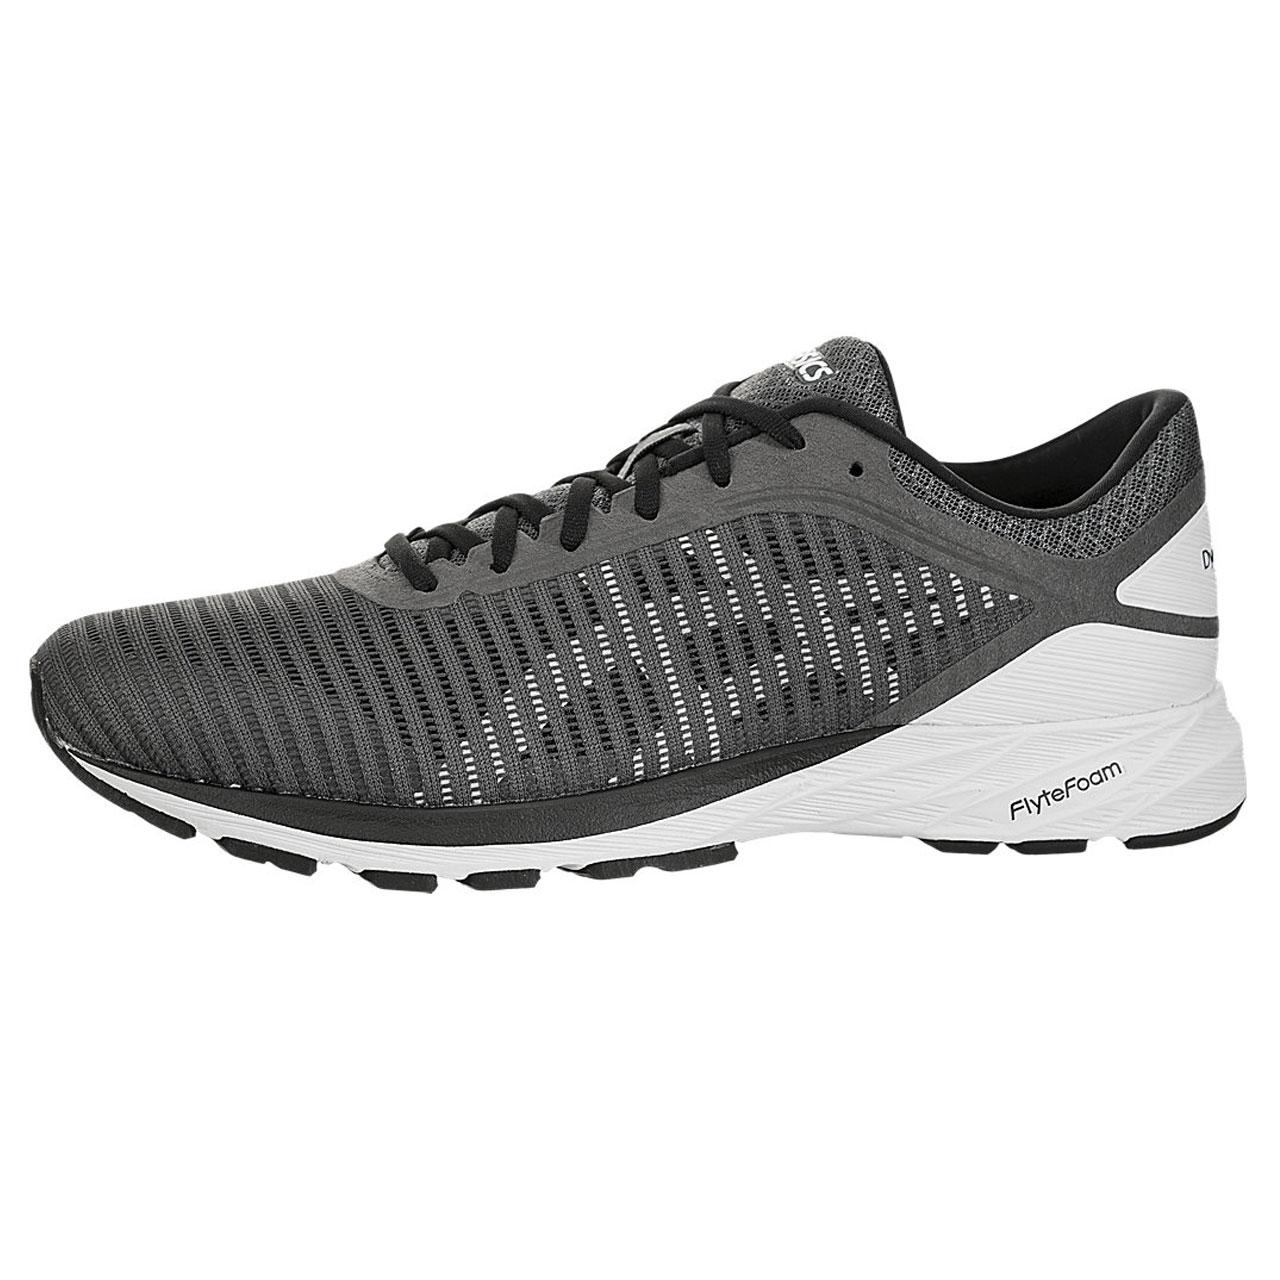 کفش مخصوص دویدن مردانه اسیکس مدل KAYANO کد 7657-0986